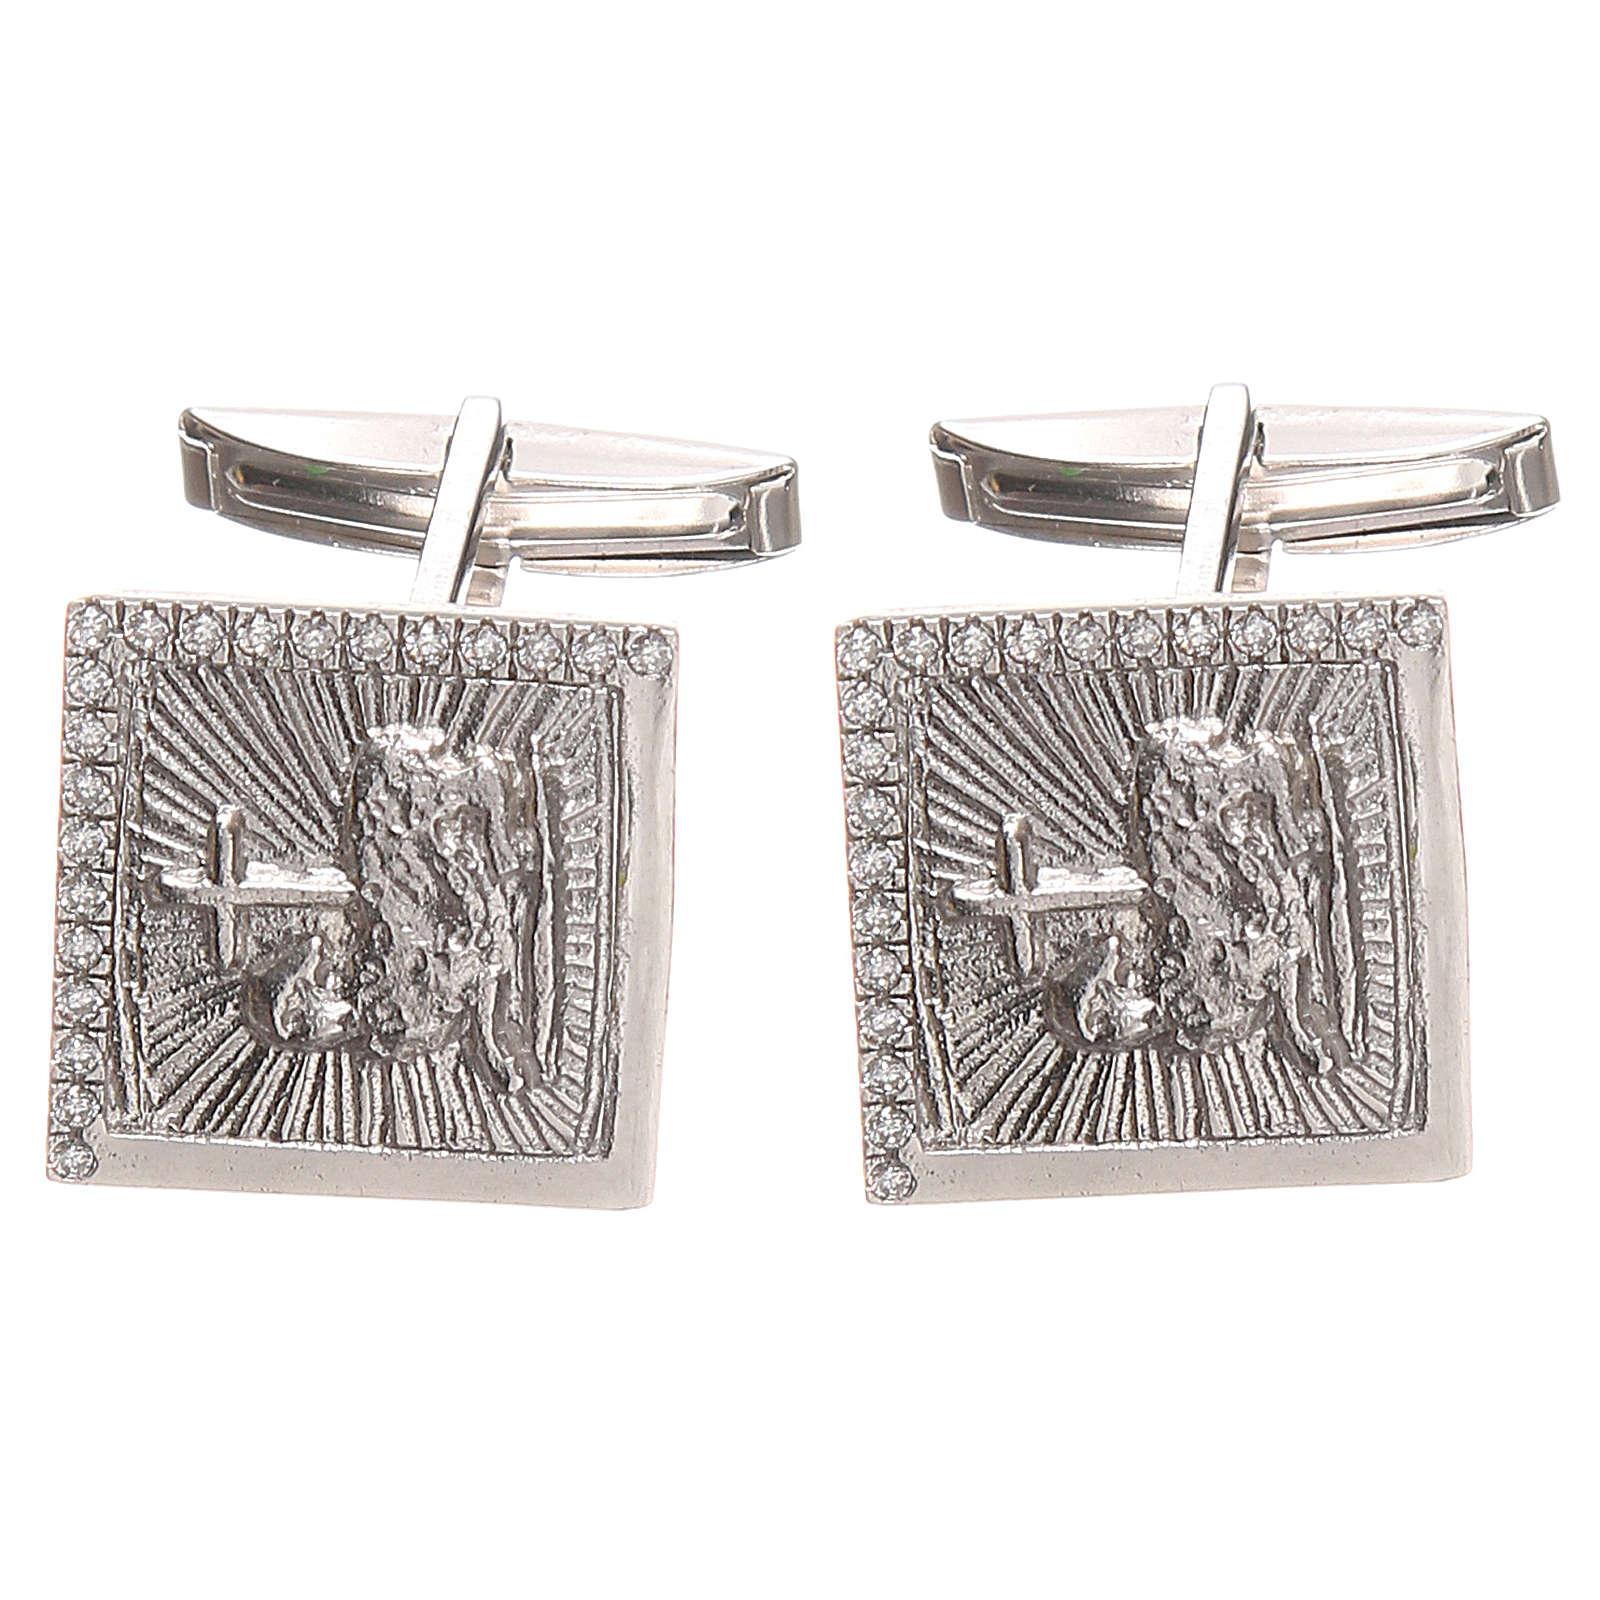 Gemelli per camicie argento 800 Agnus Dei 1,7x1,7 cm 4